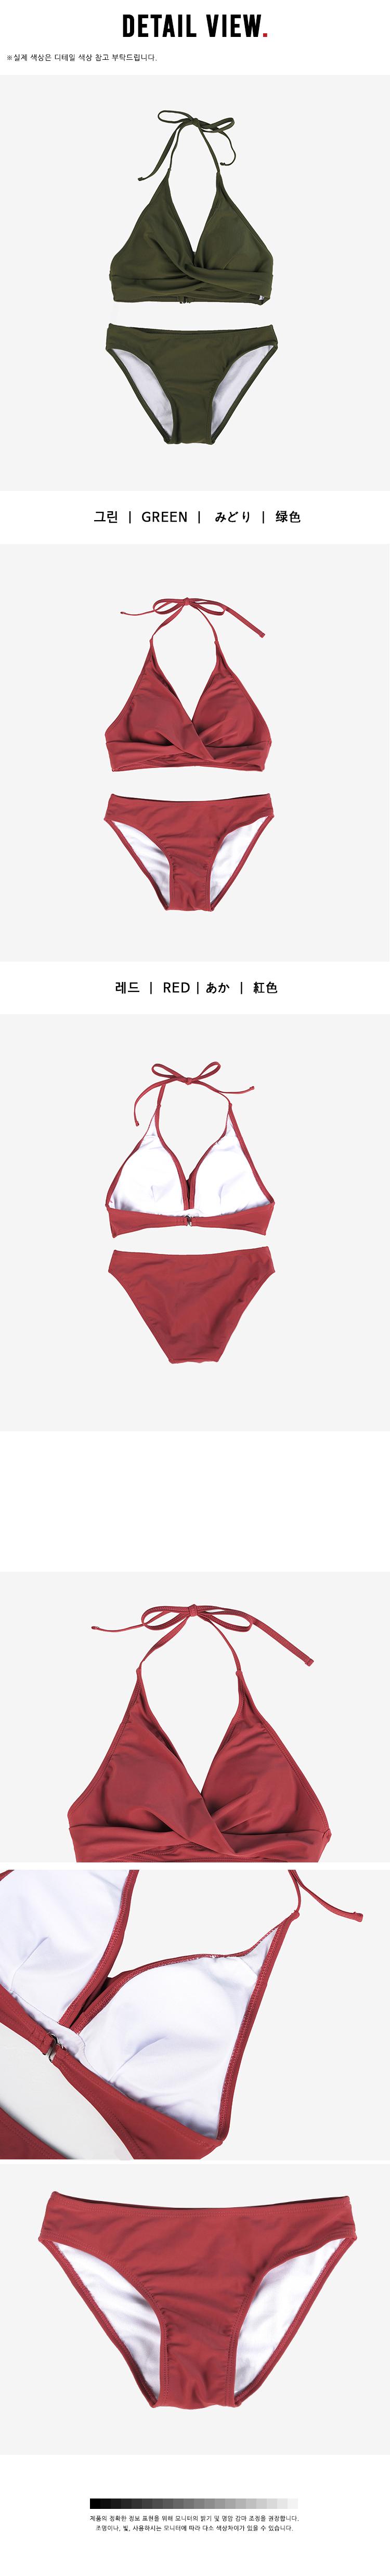 Doron Basic Bikini